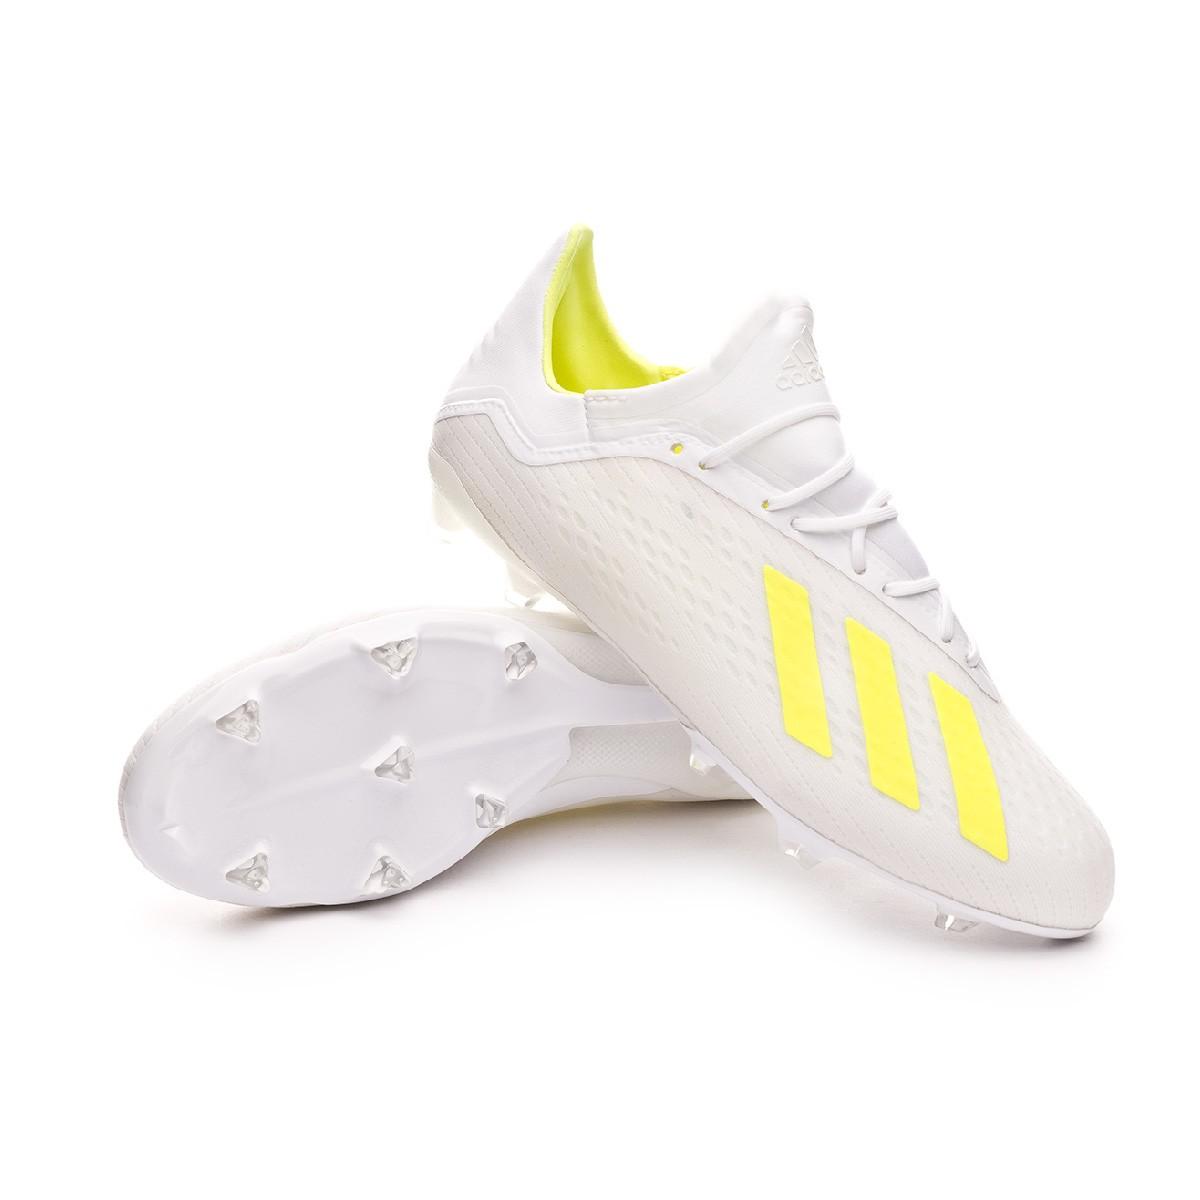 wholesale dealer a80a3 0ee2f Bota X 18.2 FG White-Solar yellow-White